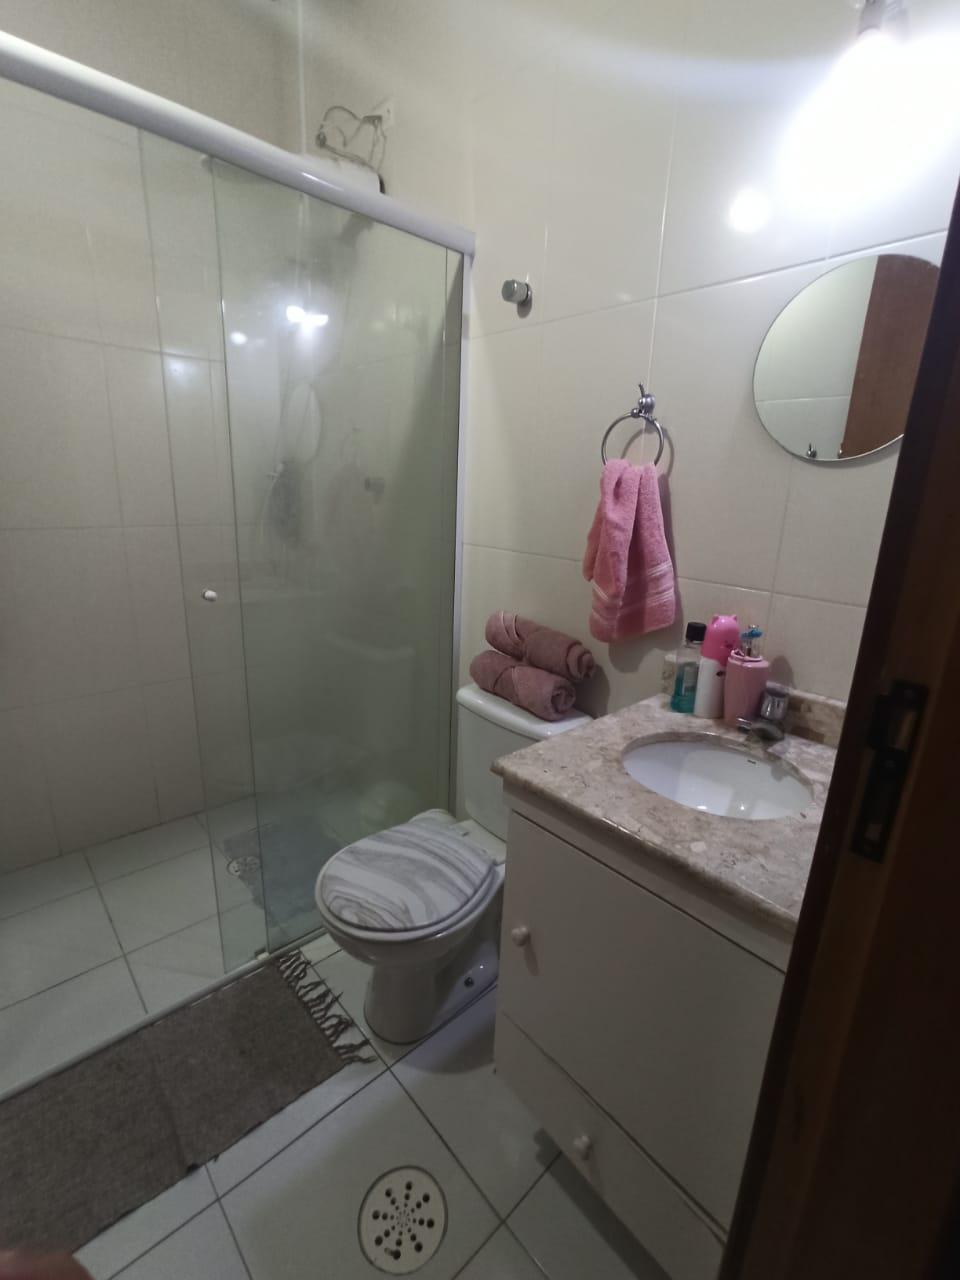 Casa com 3 quartos, sendo um suíte, sala 2 ambientes, três banheiros e duas vagas de garagem. - foto 6